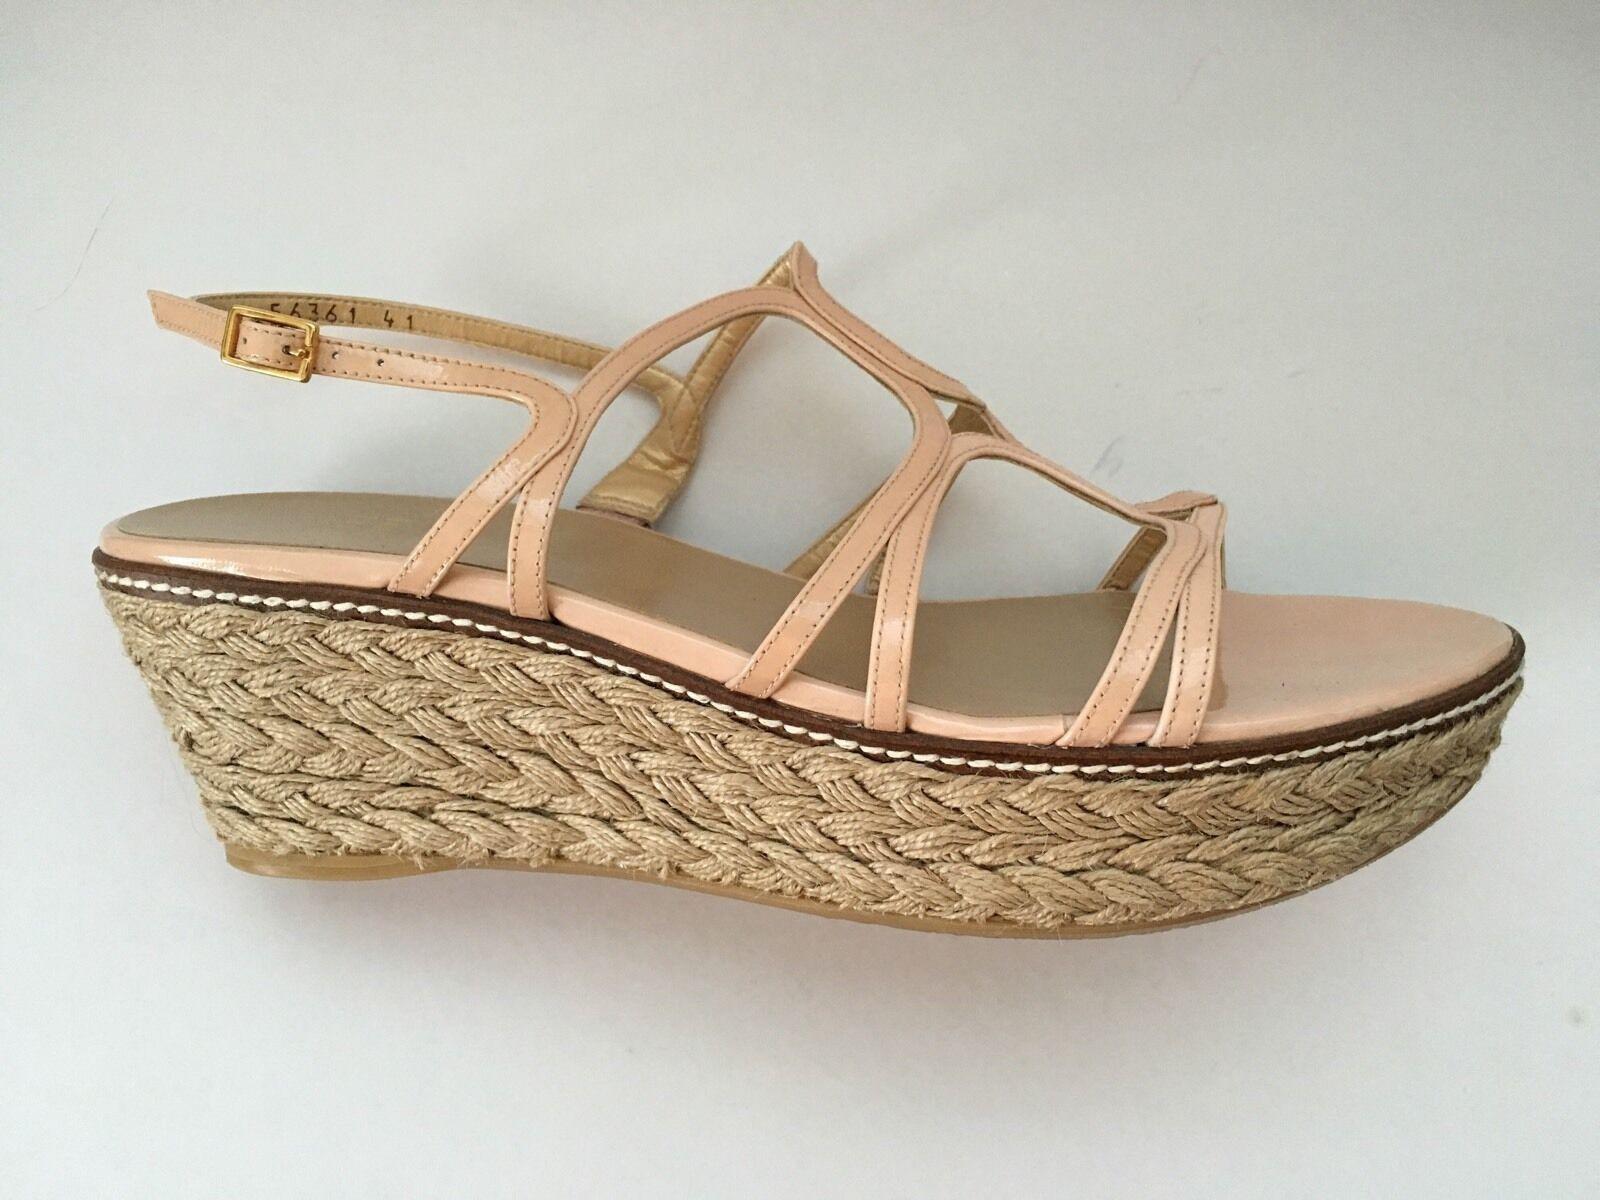 Sconto del 70% a buon mercato Stuart Weitzman Blush Patent Patent Patent Leather Strappy Espadrille scarpe Wedge Sandals 10  grande sconto